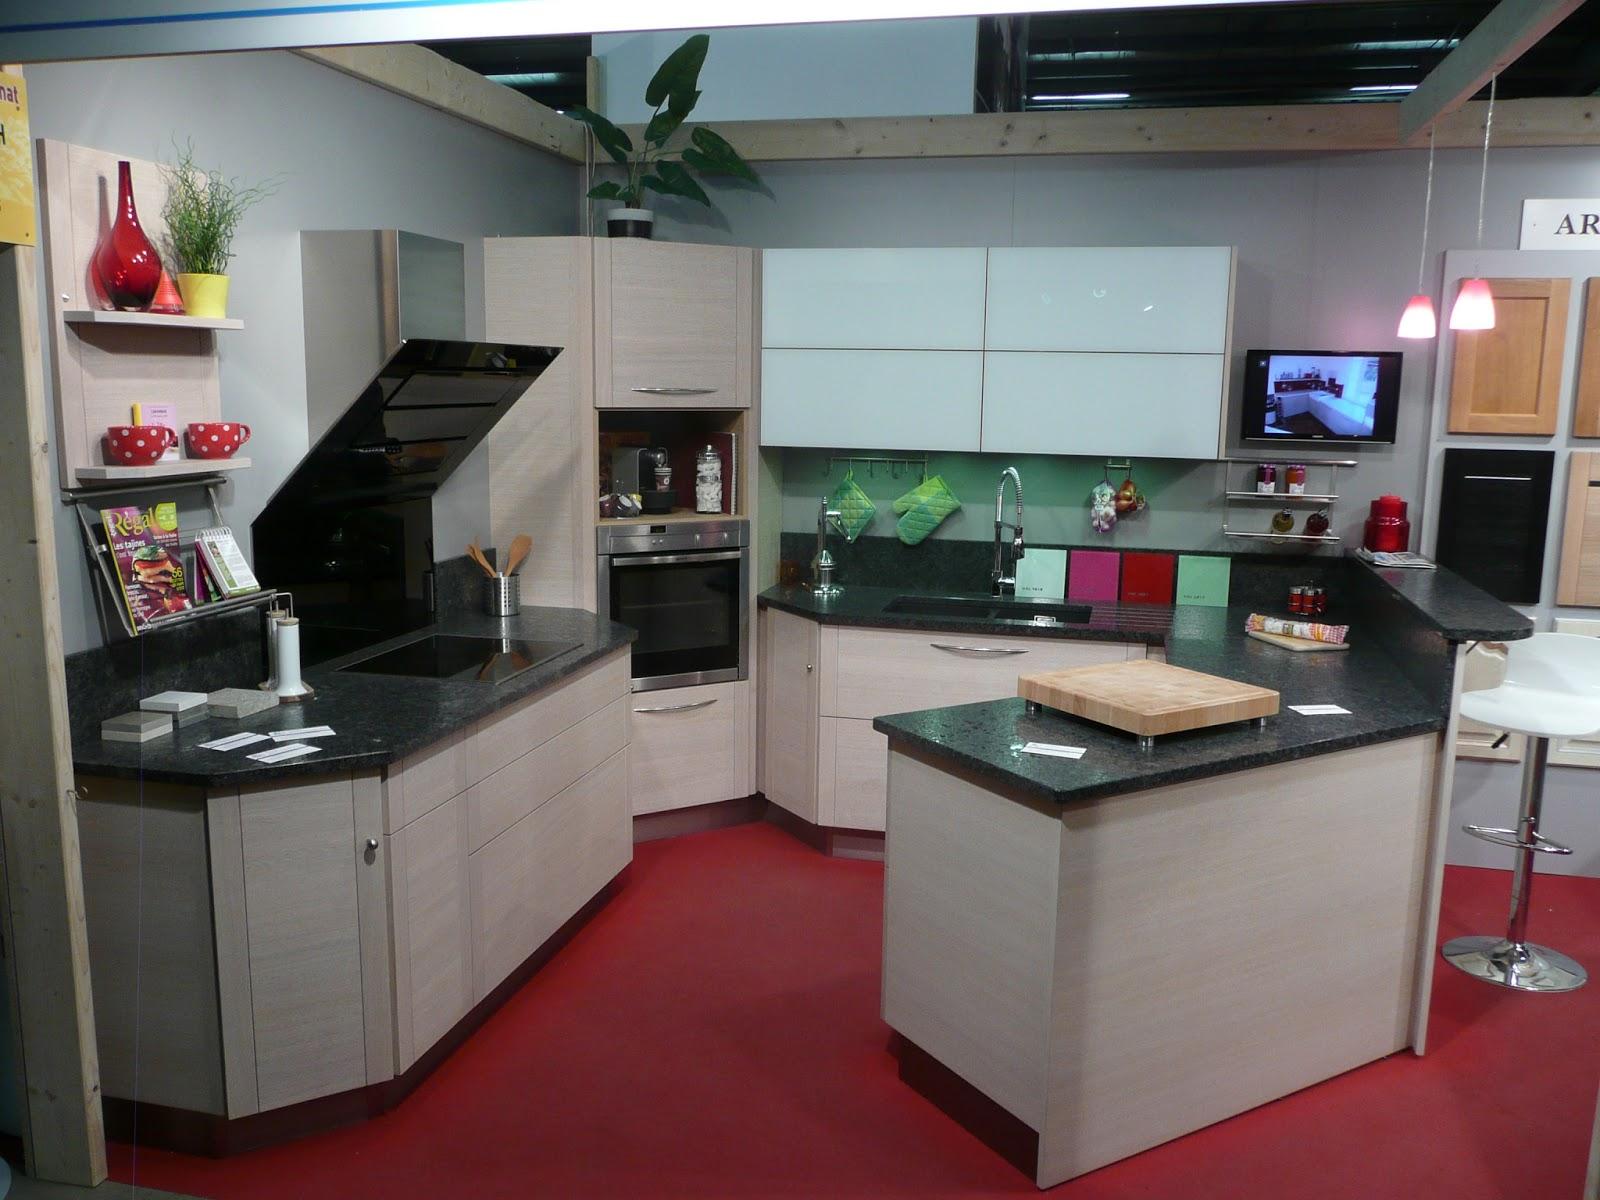 cuisine moderne rangement. Black Bedroom Furniture Sets. Home Design Ideas